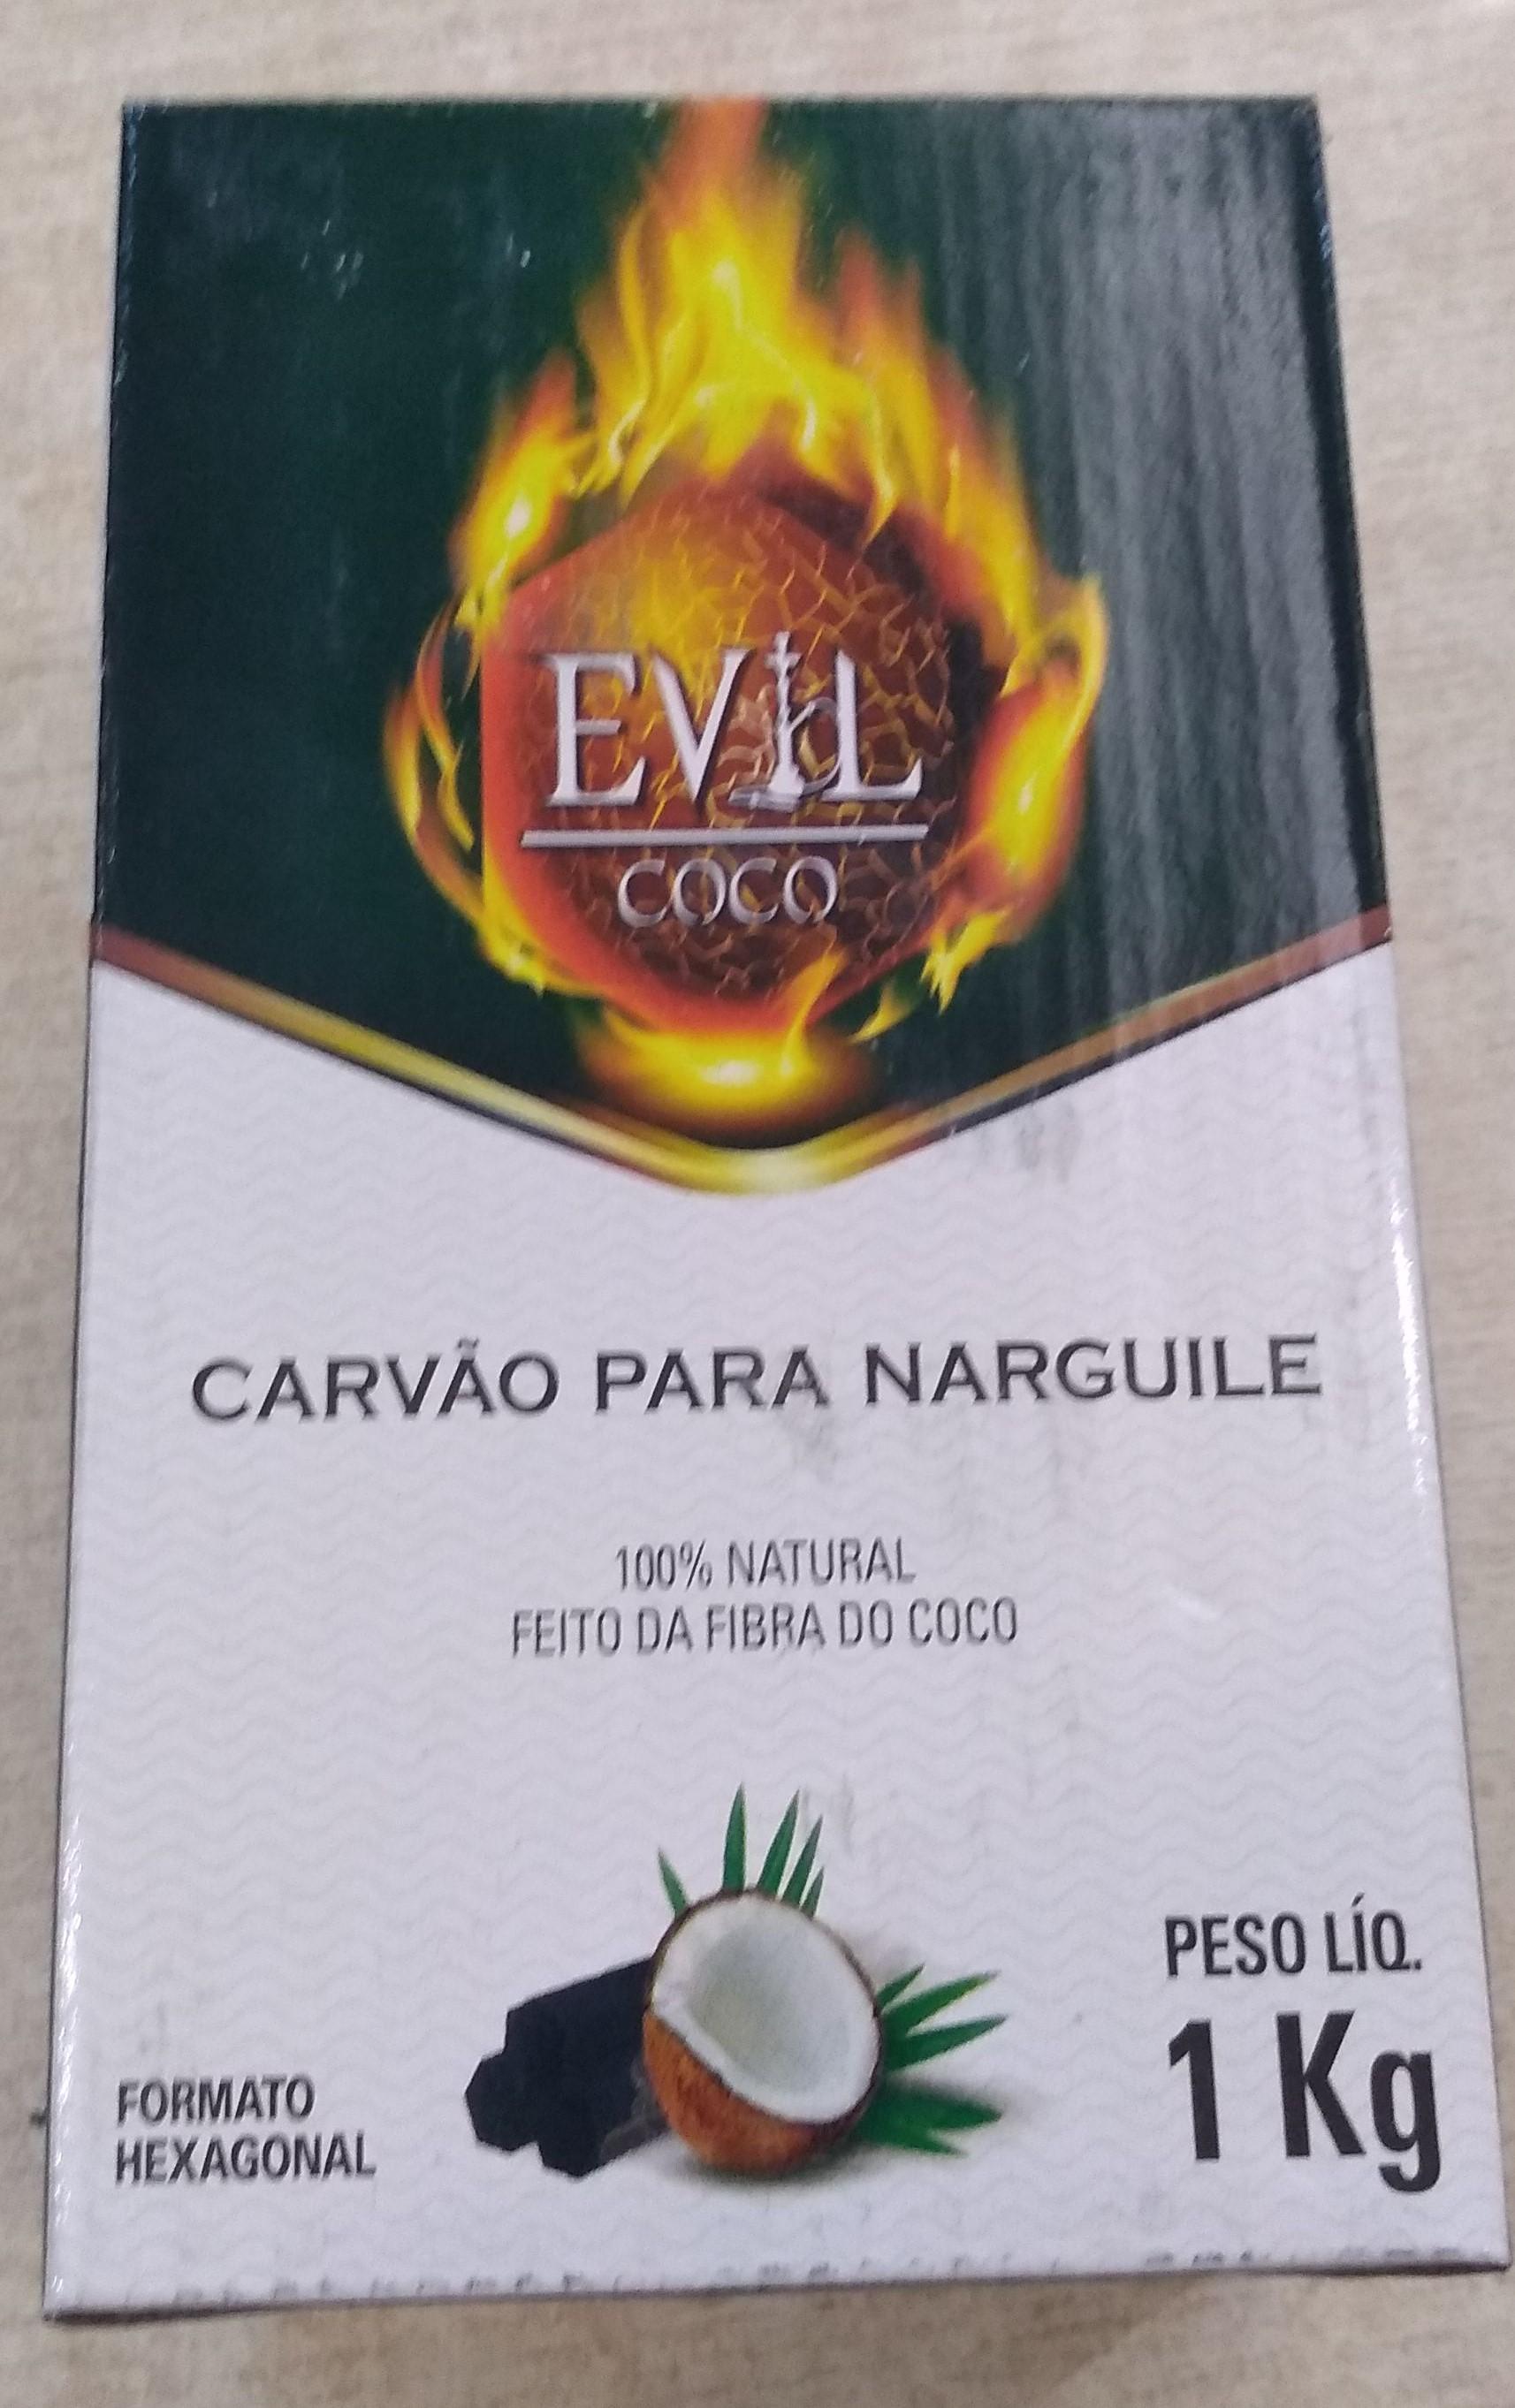 Carvão Evil Coco - Caixa